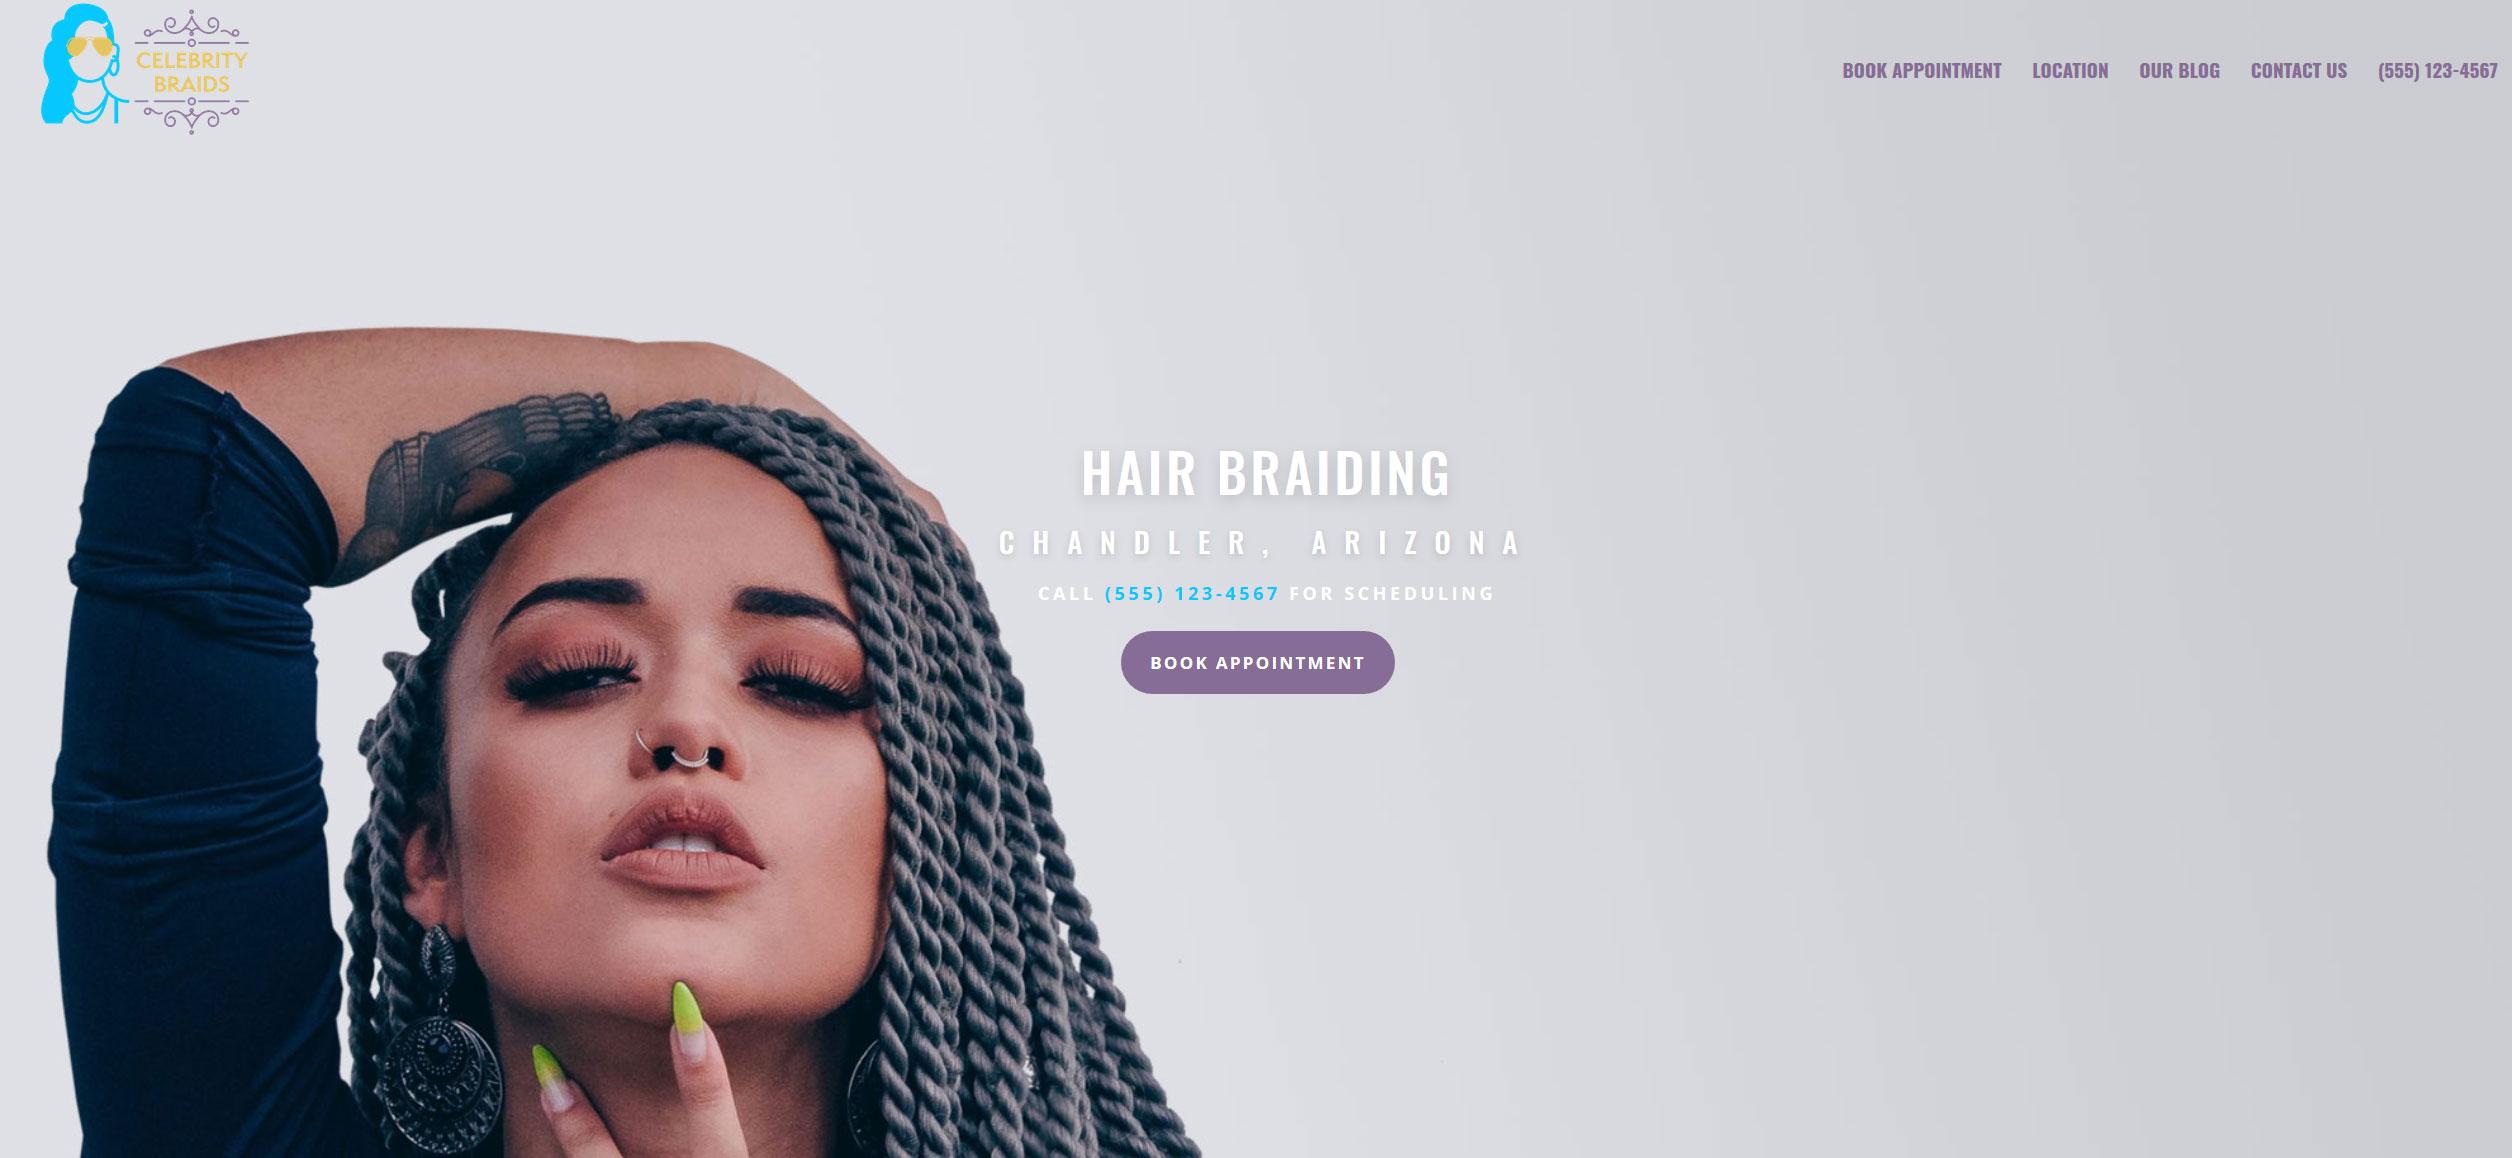 Website for Hair Braiding v1 - Home Hero Slide